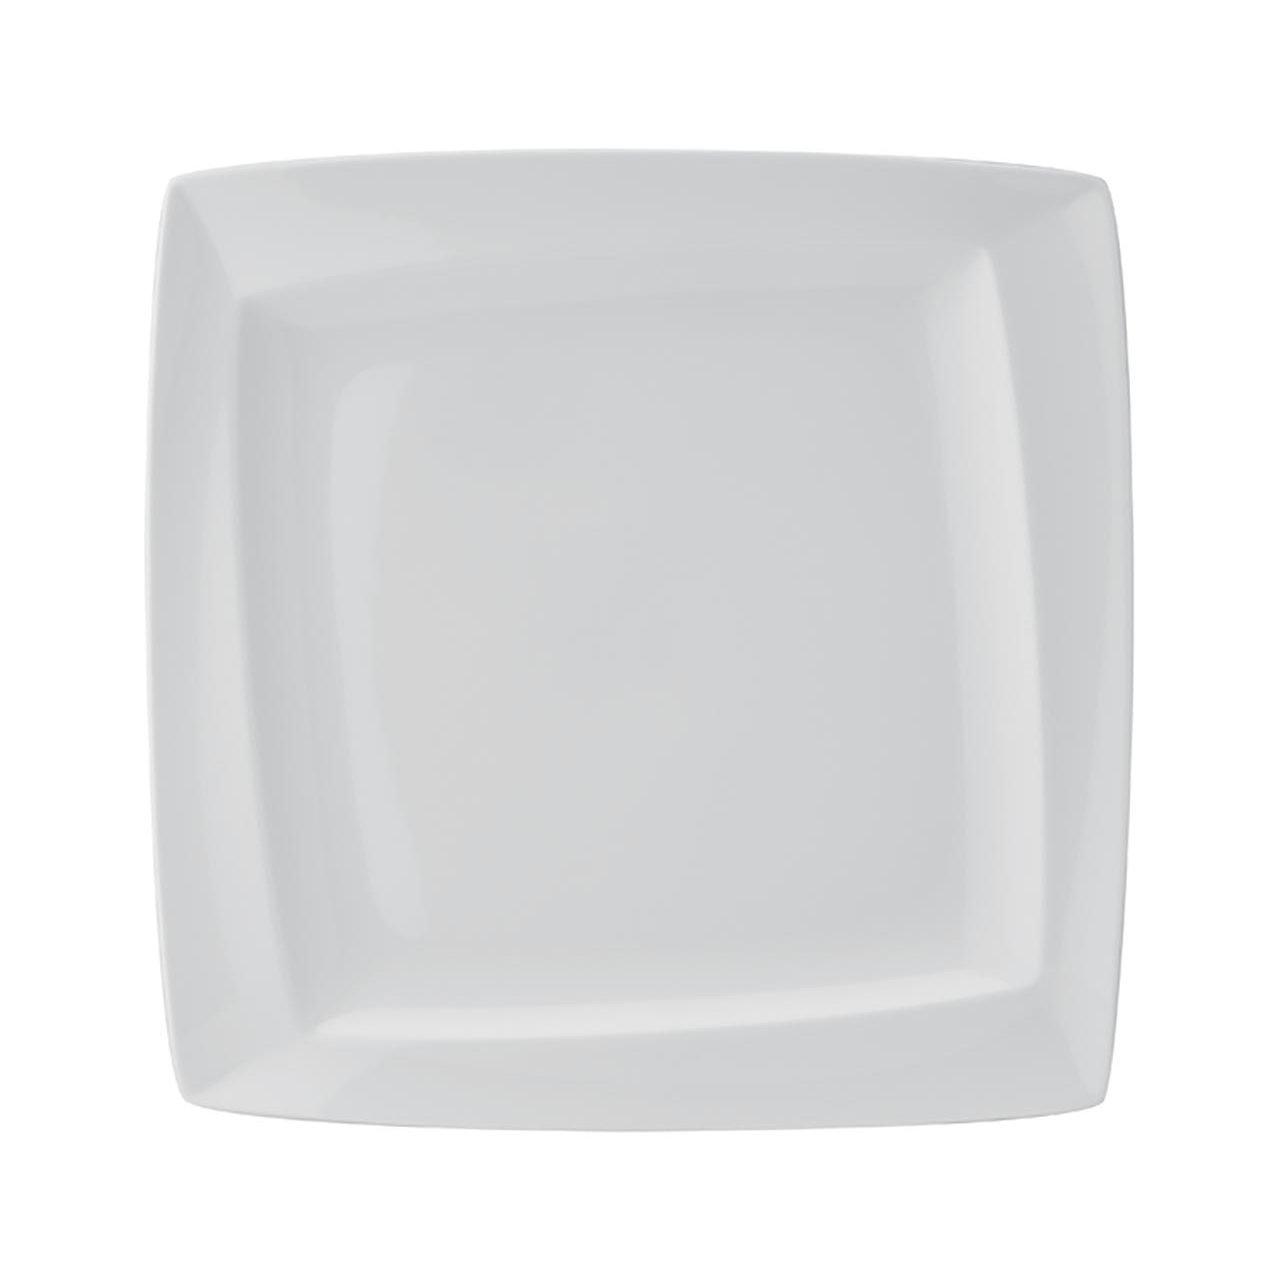 тарелка квадратная белая с бортом